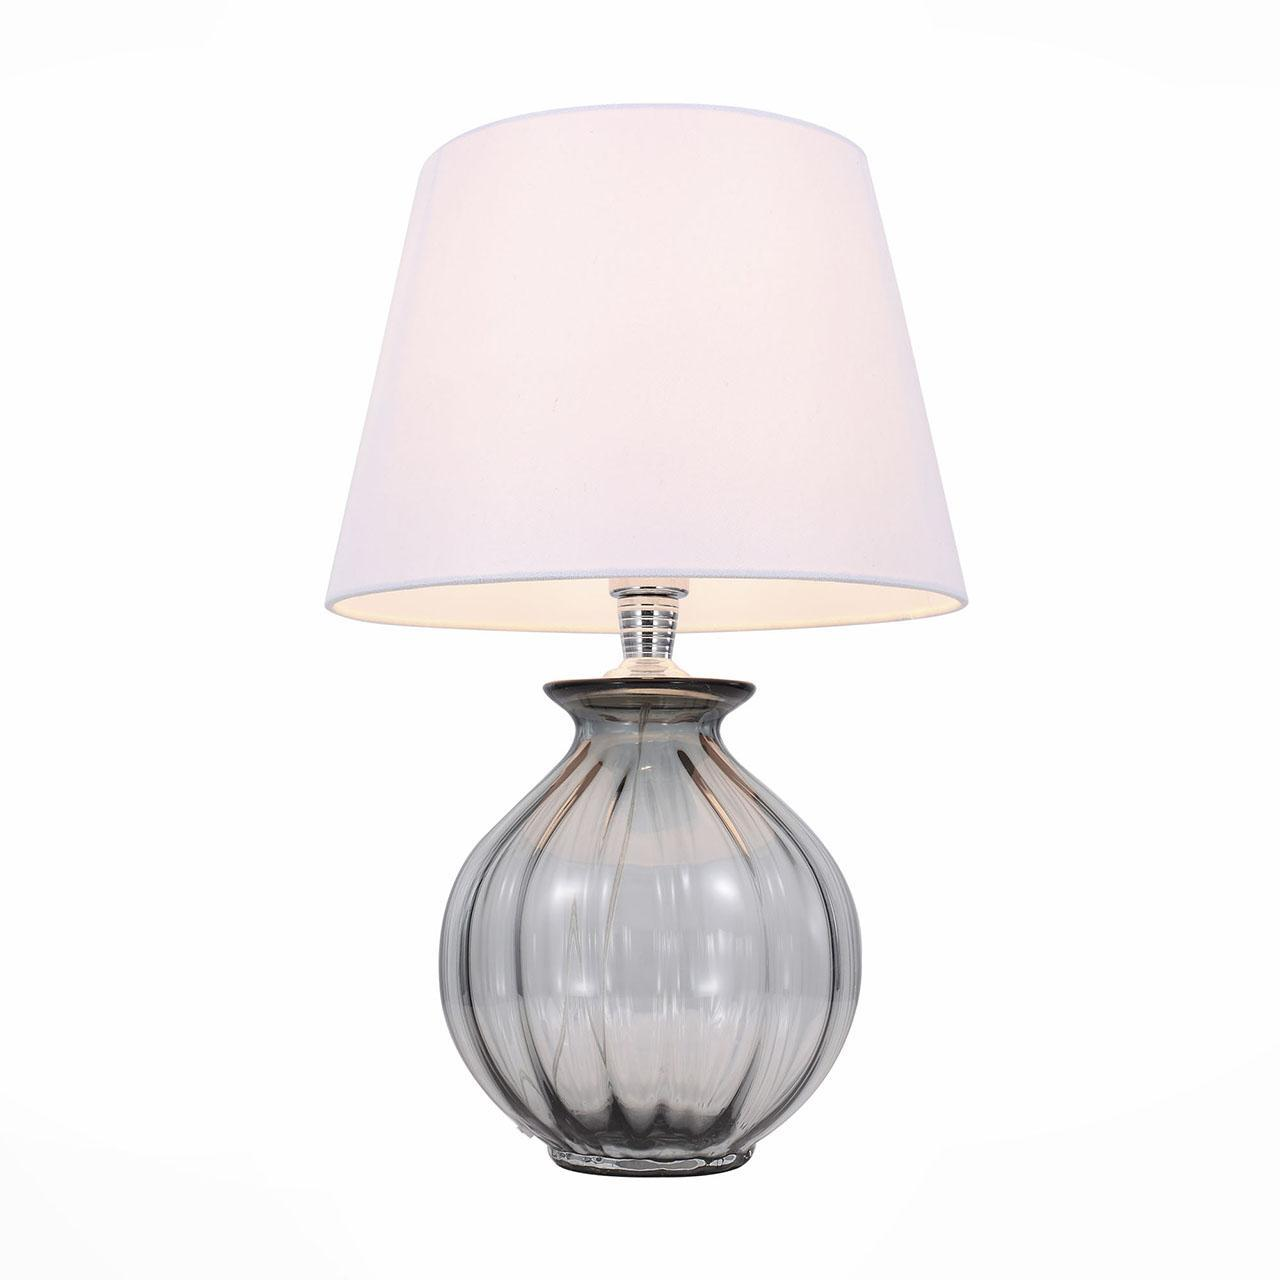 Настольная лампа ST Luce Calma SL968.404.01 настольная лампа st luce calma sl968 604 01